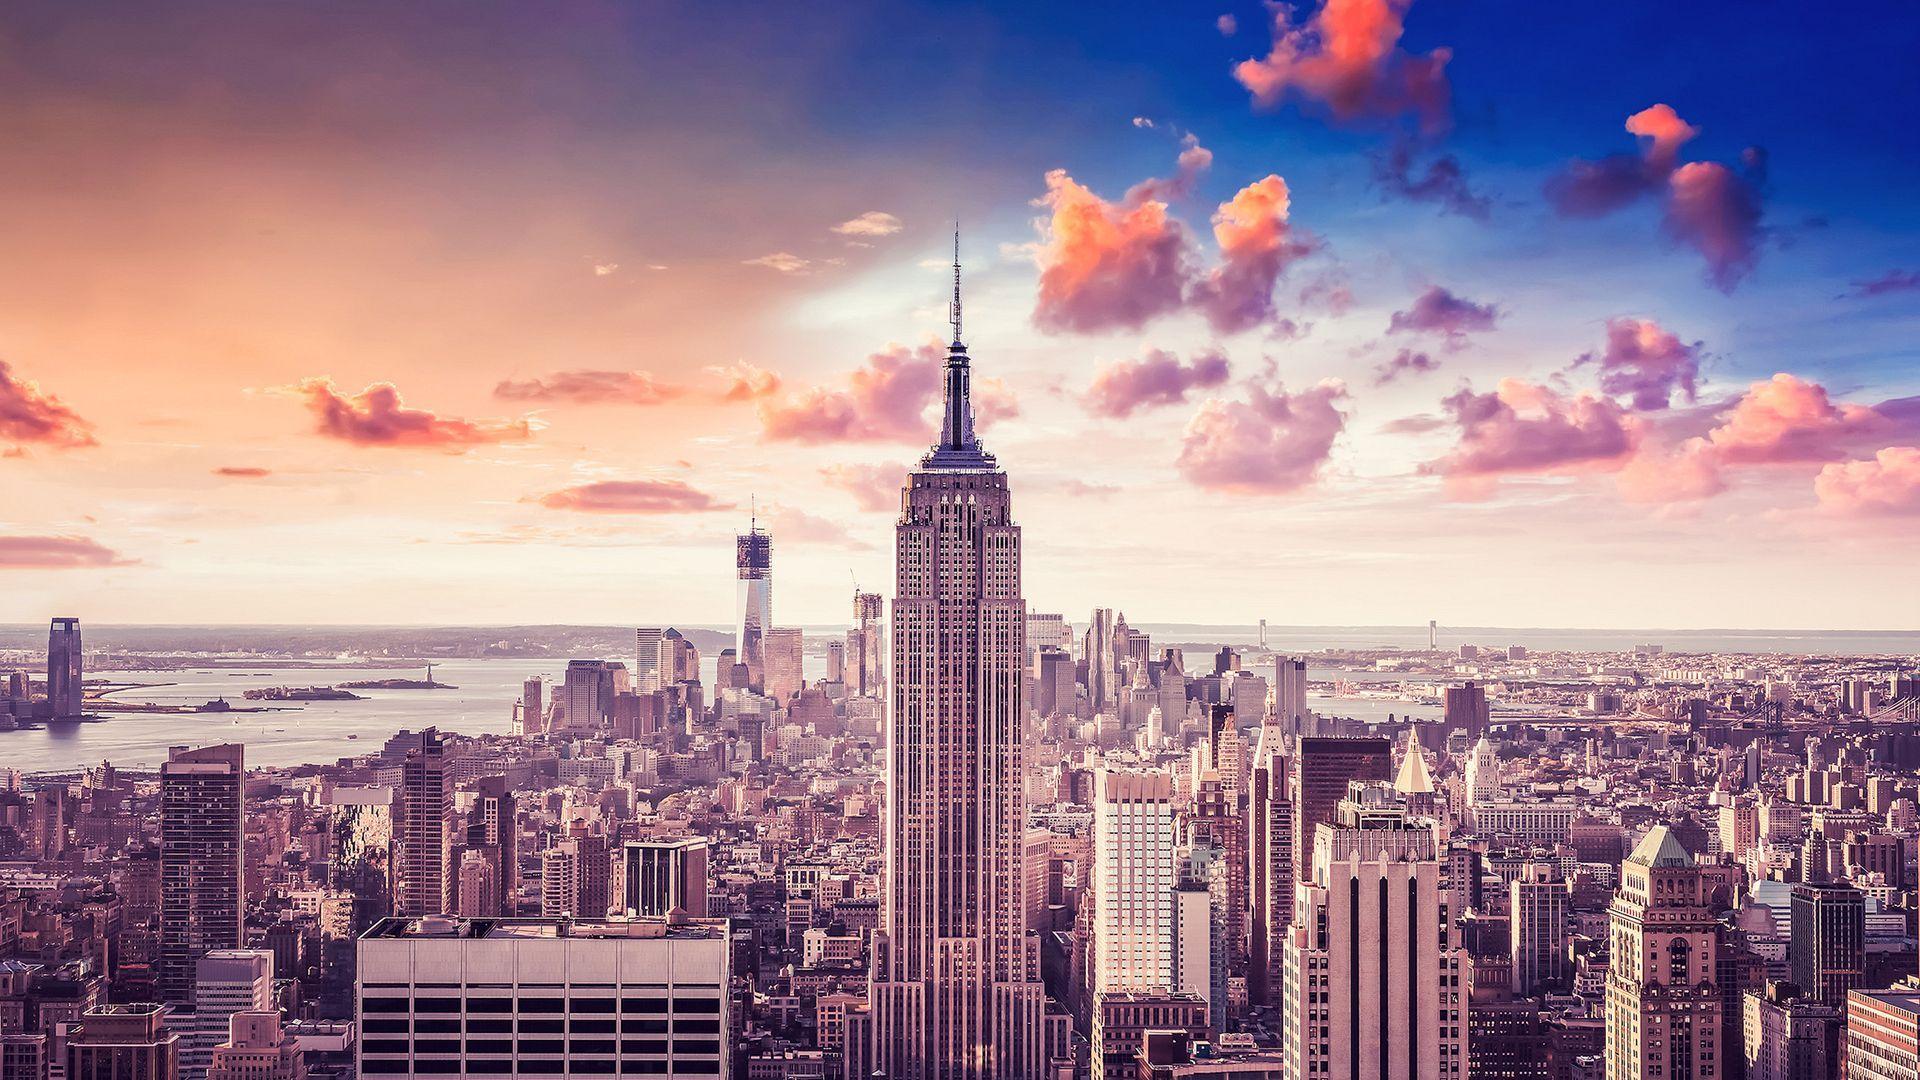 New York Wallpaper Hd Wallpapersafari